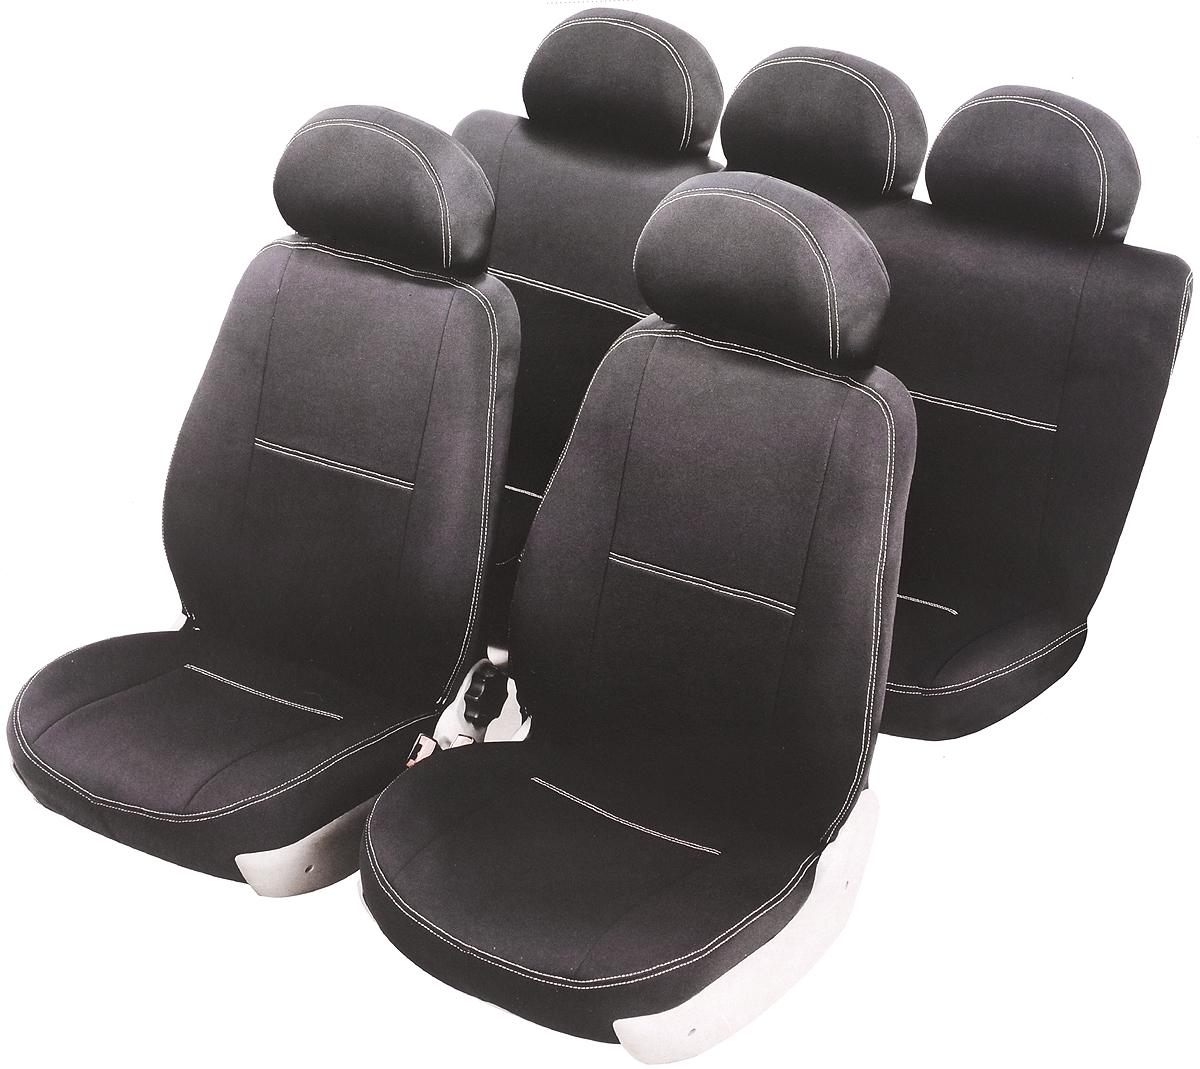 Чехлы автомобильные Azard Standard, для Renault Logan 2004-2013 седан, 8 предметовA4013571Модельные чехлы из полиэстера Azard Standard. Разработаны в РФ индивидуально для каждого автомобиля. Чехлы Azard Standard серийно выпускаются на собственном швейном производстве в России. Чехлы идеально повторяют штатную форму сидений и выглядят как оригинальная обивка сидений. Для простоты установки используется липучка Velcro, учтены все технологические отверстия. Чехлы сохраняют полную функциональность салона - трансформация сидений, возможность установки детских кресел ISOFIX, не препятствуют работе подушек безопасности AIRBAG и подогрева сидений. Дизайн чехлов Azard Standard приближен к оригинальной обивке салона. Декоративная контрастная прострочка по периметру авточехлов придает стильный и изысканный внешний вид интерьеру автомобиля. Чехлы Azard Standard изготовлены из полиэстера, триплированного огнеупорным поролоном толщиной 3 мм, за счет чего чехол приобретает дополнительную мягкость. Подложка из спанбонда сохраняет свойства поролона и предотвращает его разрушение. ...